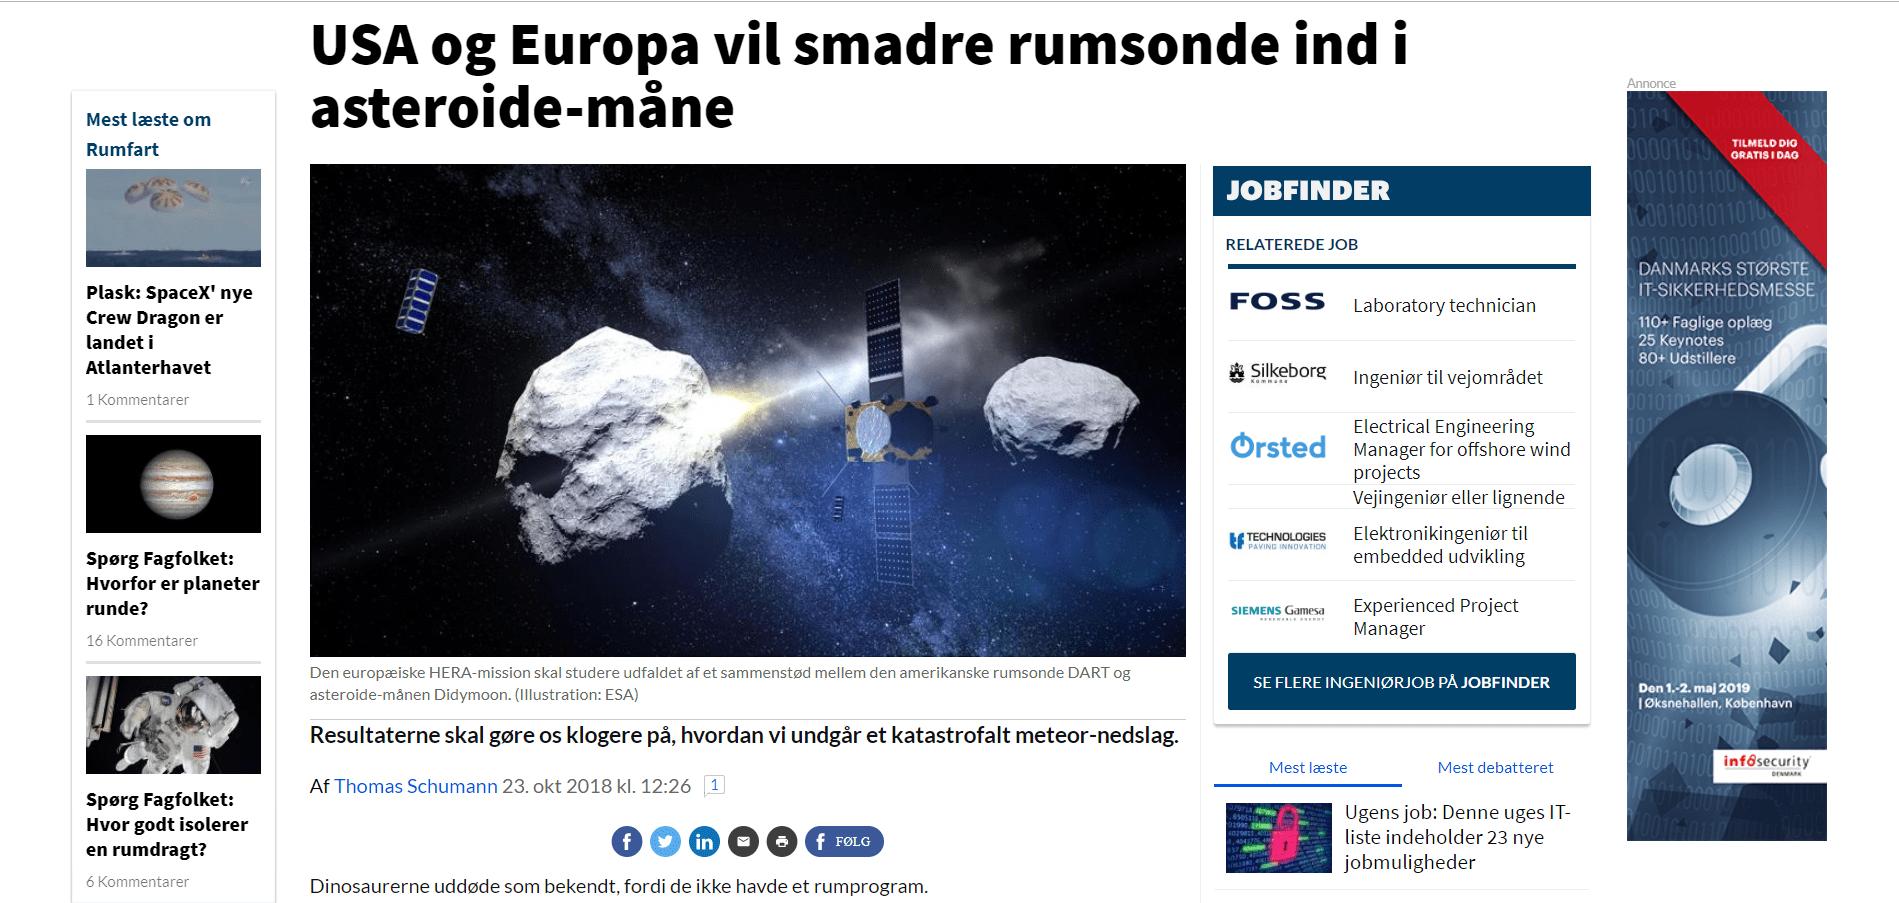 USA og Europa vil smadre rumsonde ind i asteroide-måne _ Ingeniøren - Google Chrome 21_03_2019 11.40.08